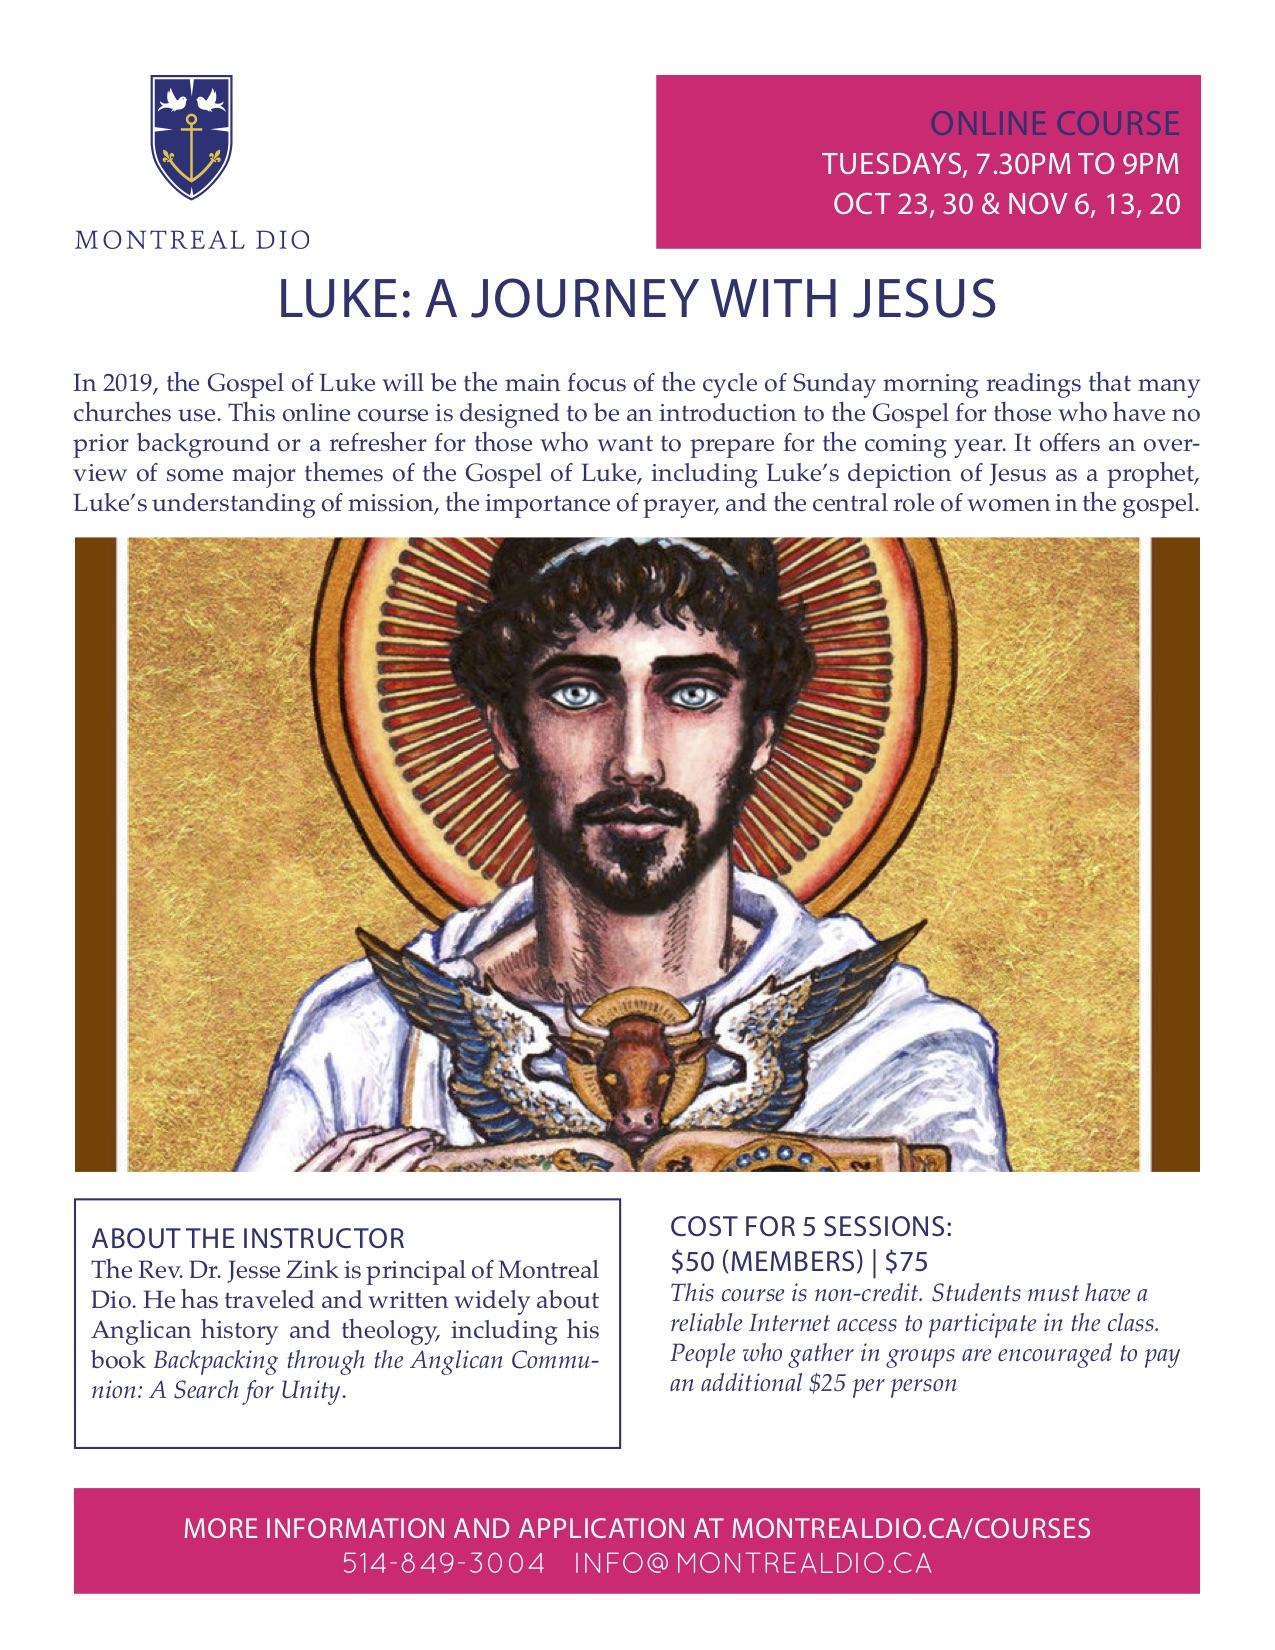 Luke poster copy.jpg